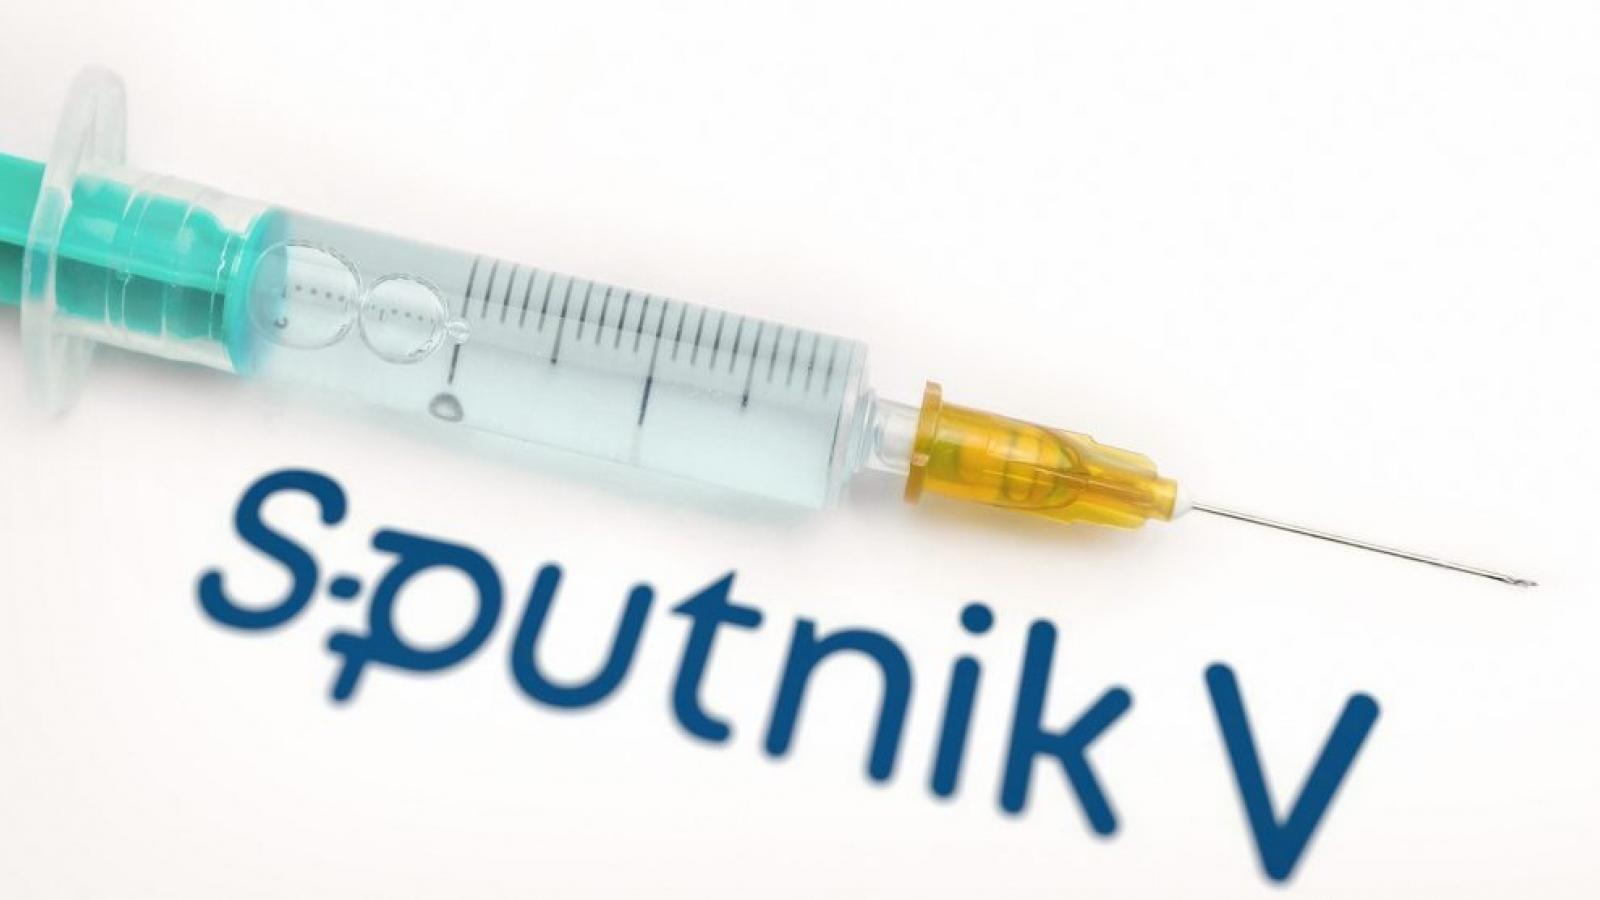 Nga sẵn sàng hủy hợp đồng vaccine để tránh nguy cơ Liên minh chính phủ Slovakia sụp đổ